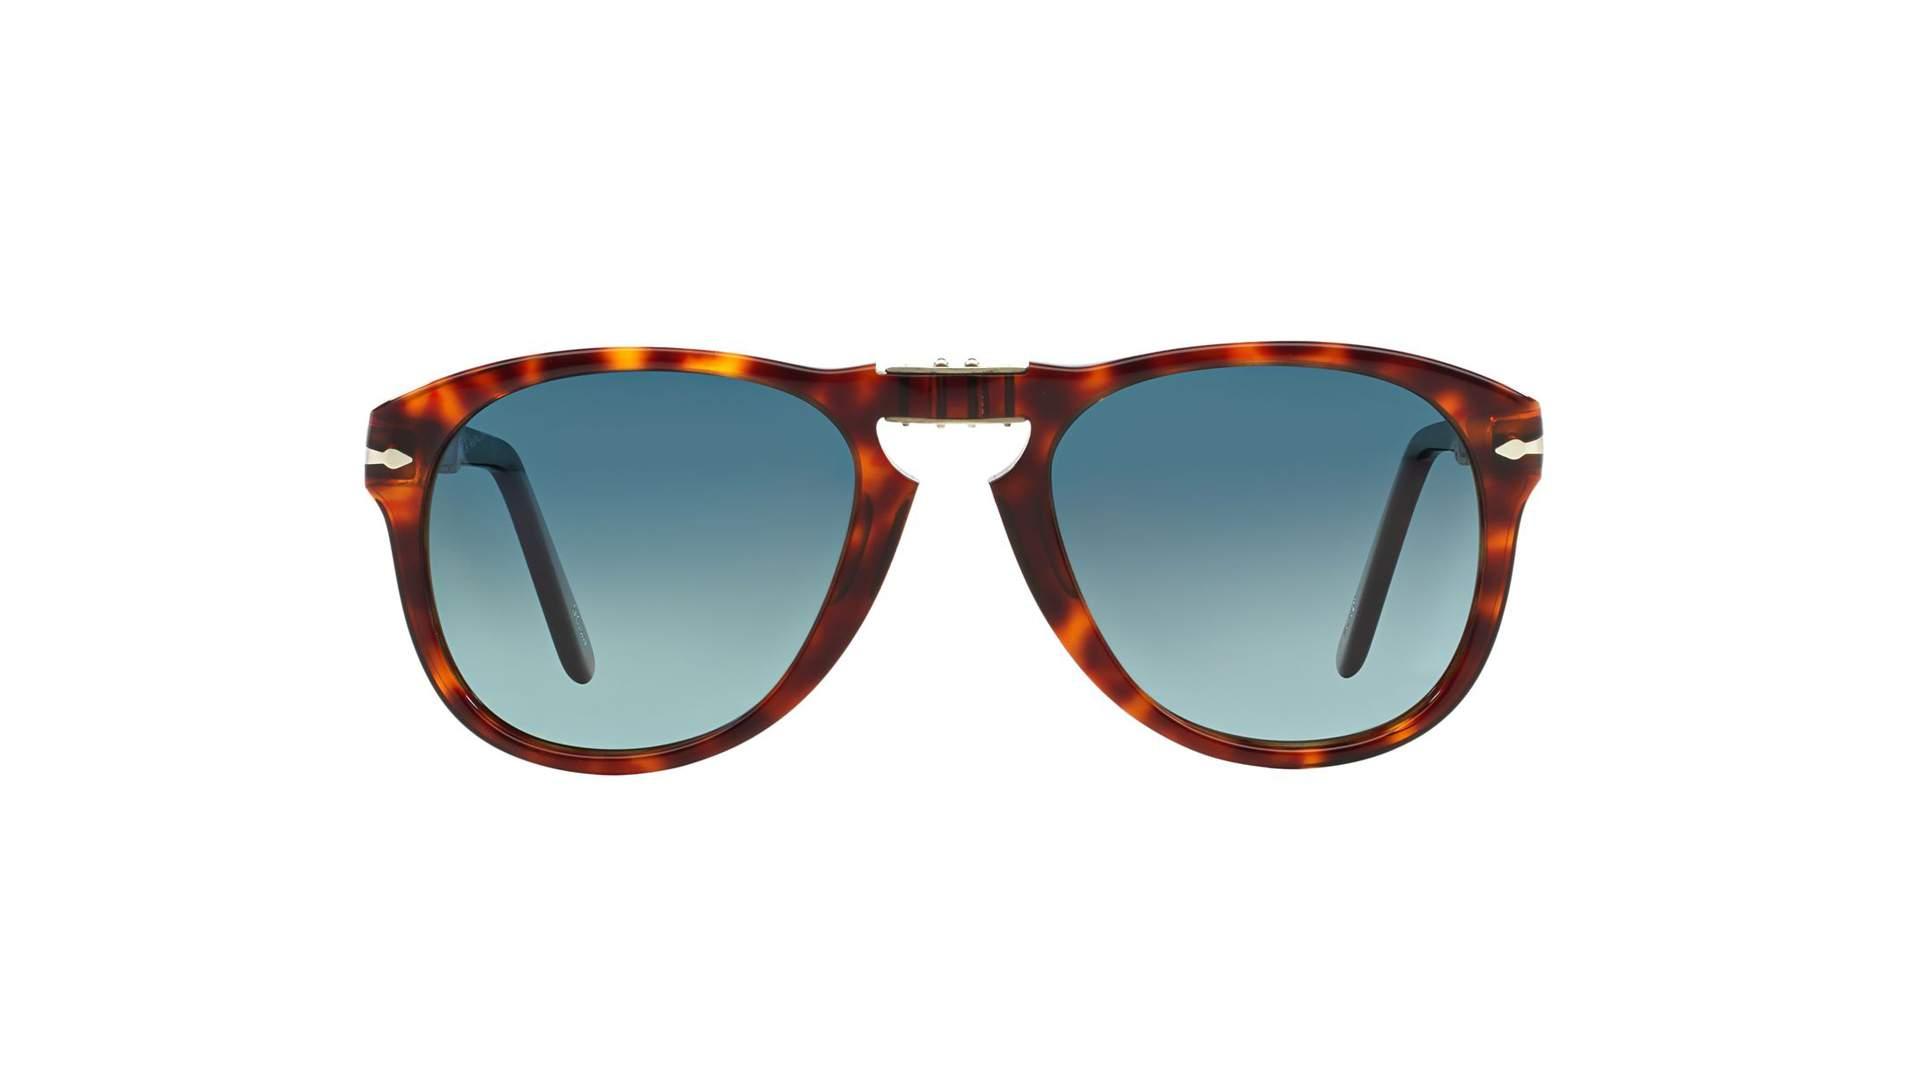 0e417dc10ec7 Sunglasses Persol 714 Original Tortoise PO0714 24/S3 54-21 Polarized